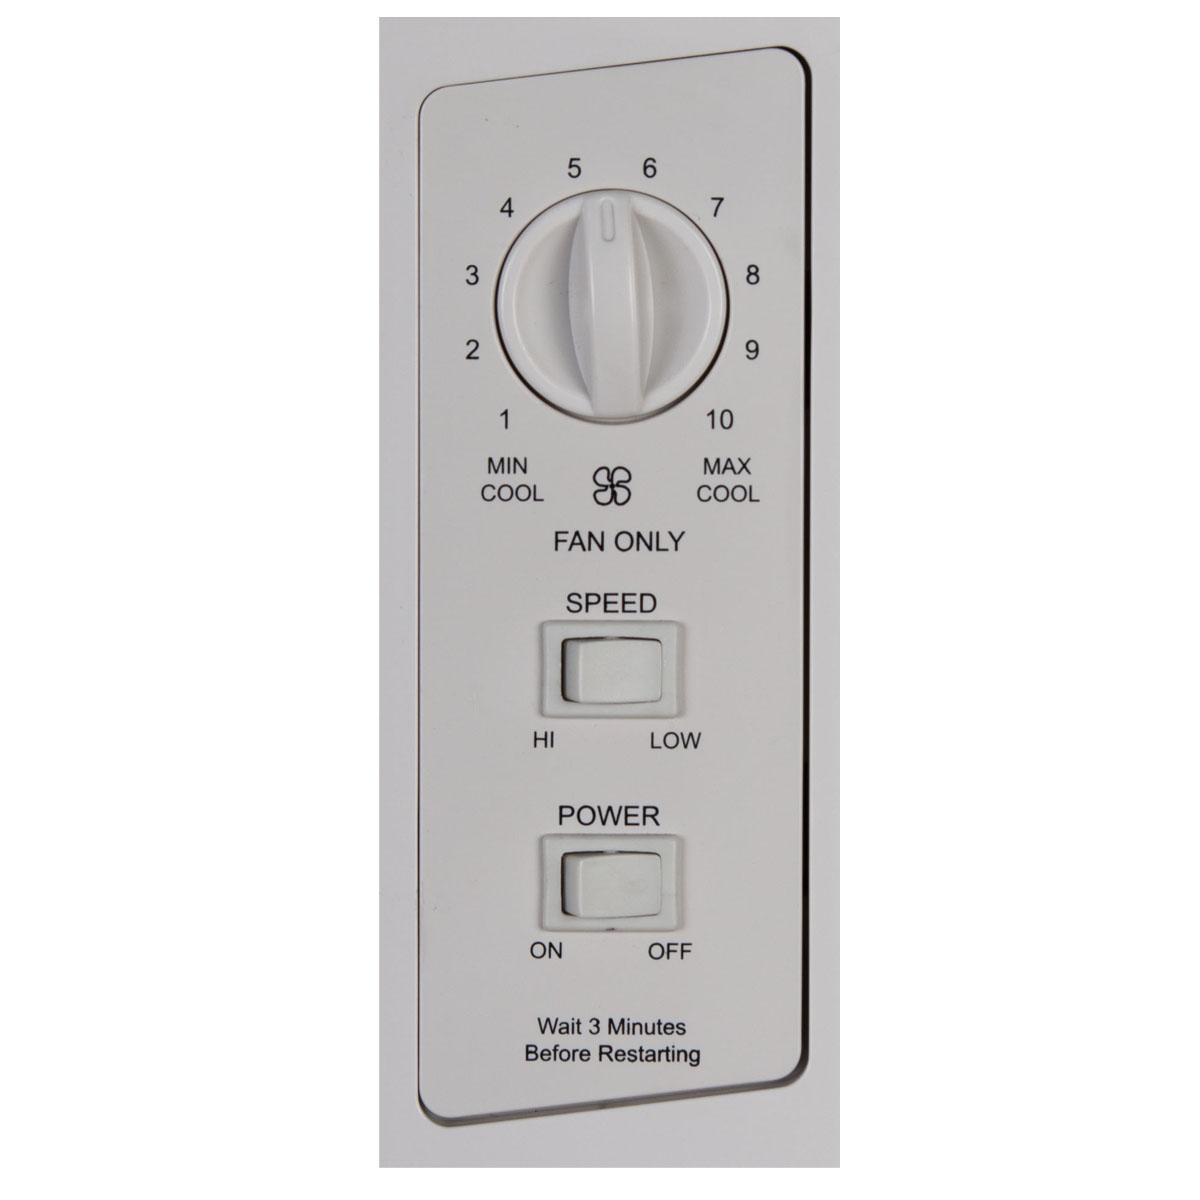 haier 32 pint dehumidifier. haier 32-pint dehumidifier and 5,100 btu window air conditioner bundle - walmart.com 32 pint e